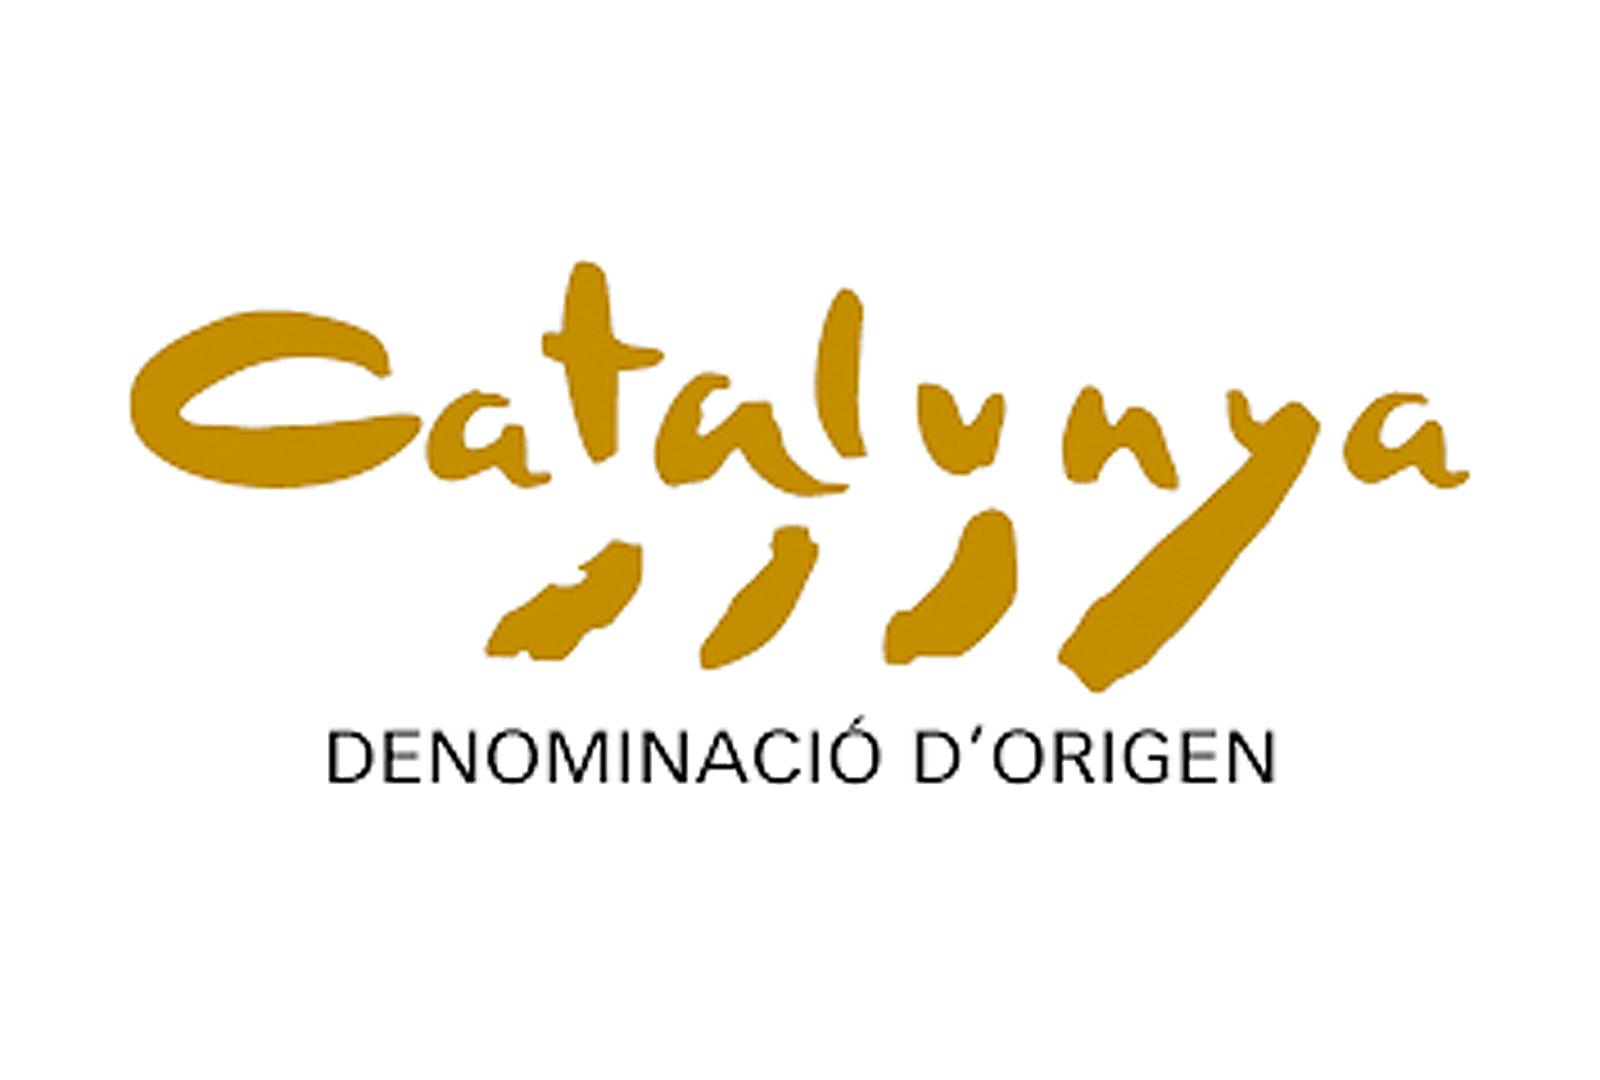 Denominación de Origen Catalunya, vendimia marcada por la calidad.